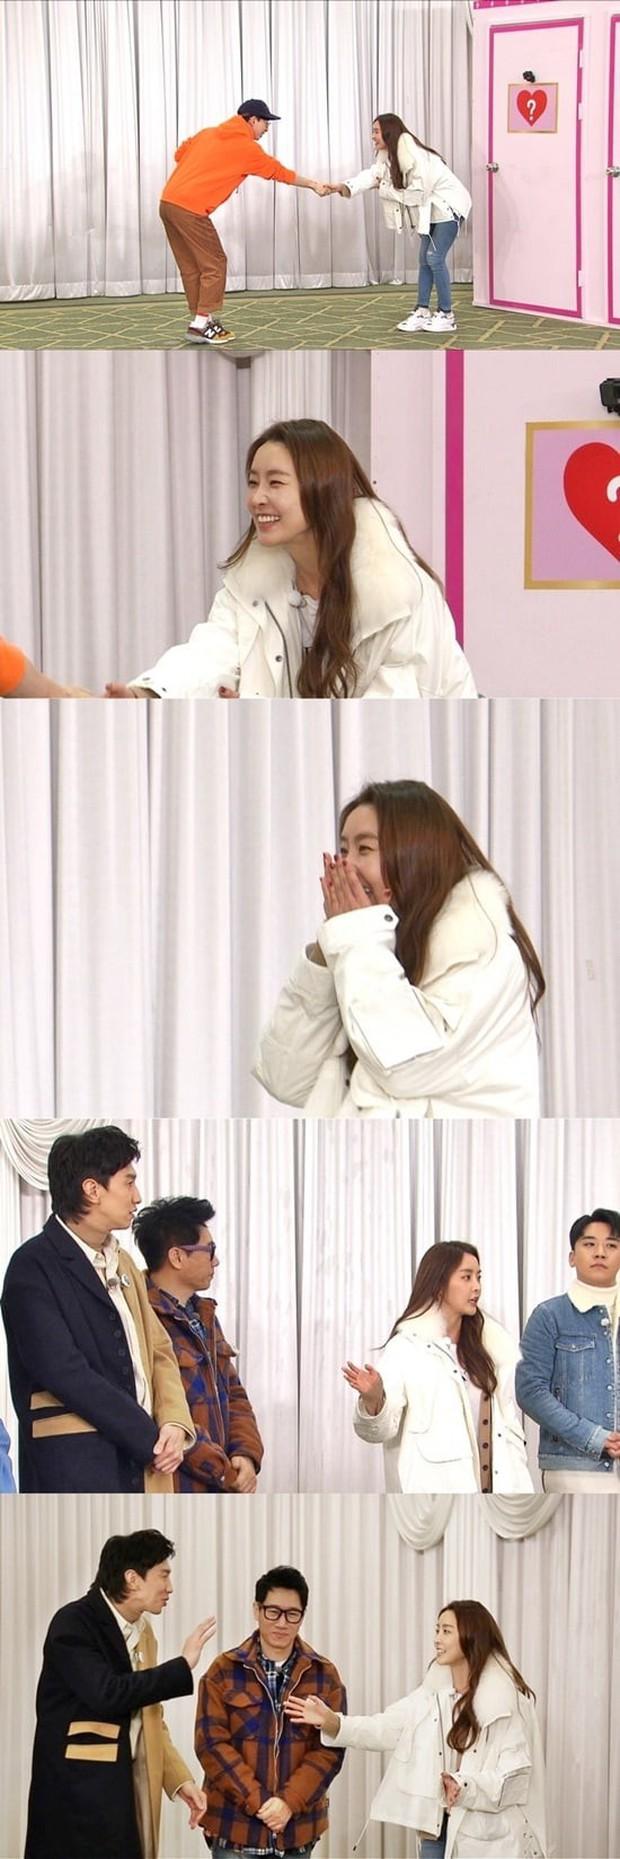 Thêm một fan girl tiết lộ từng khóc nức nở cả ngày khi biết tin Yoo Jae Suk... kết hôn - Ảnh 1.